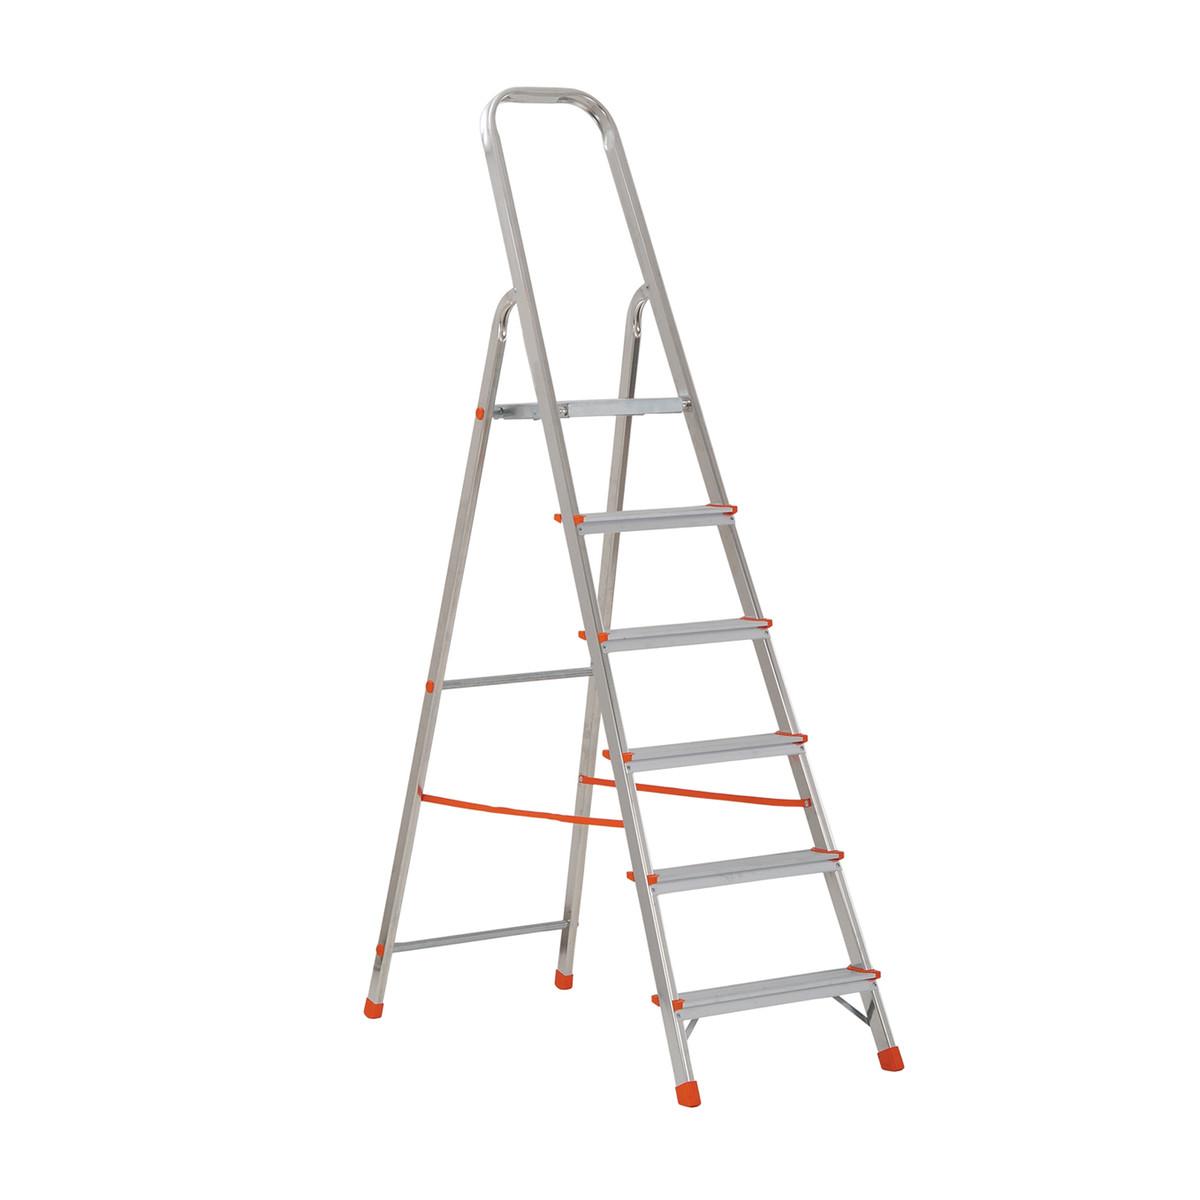 Gierre scala telescopica in alluminio 4 5 gradini prezzo for Scale alluminio leroy merlin